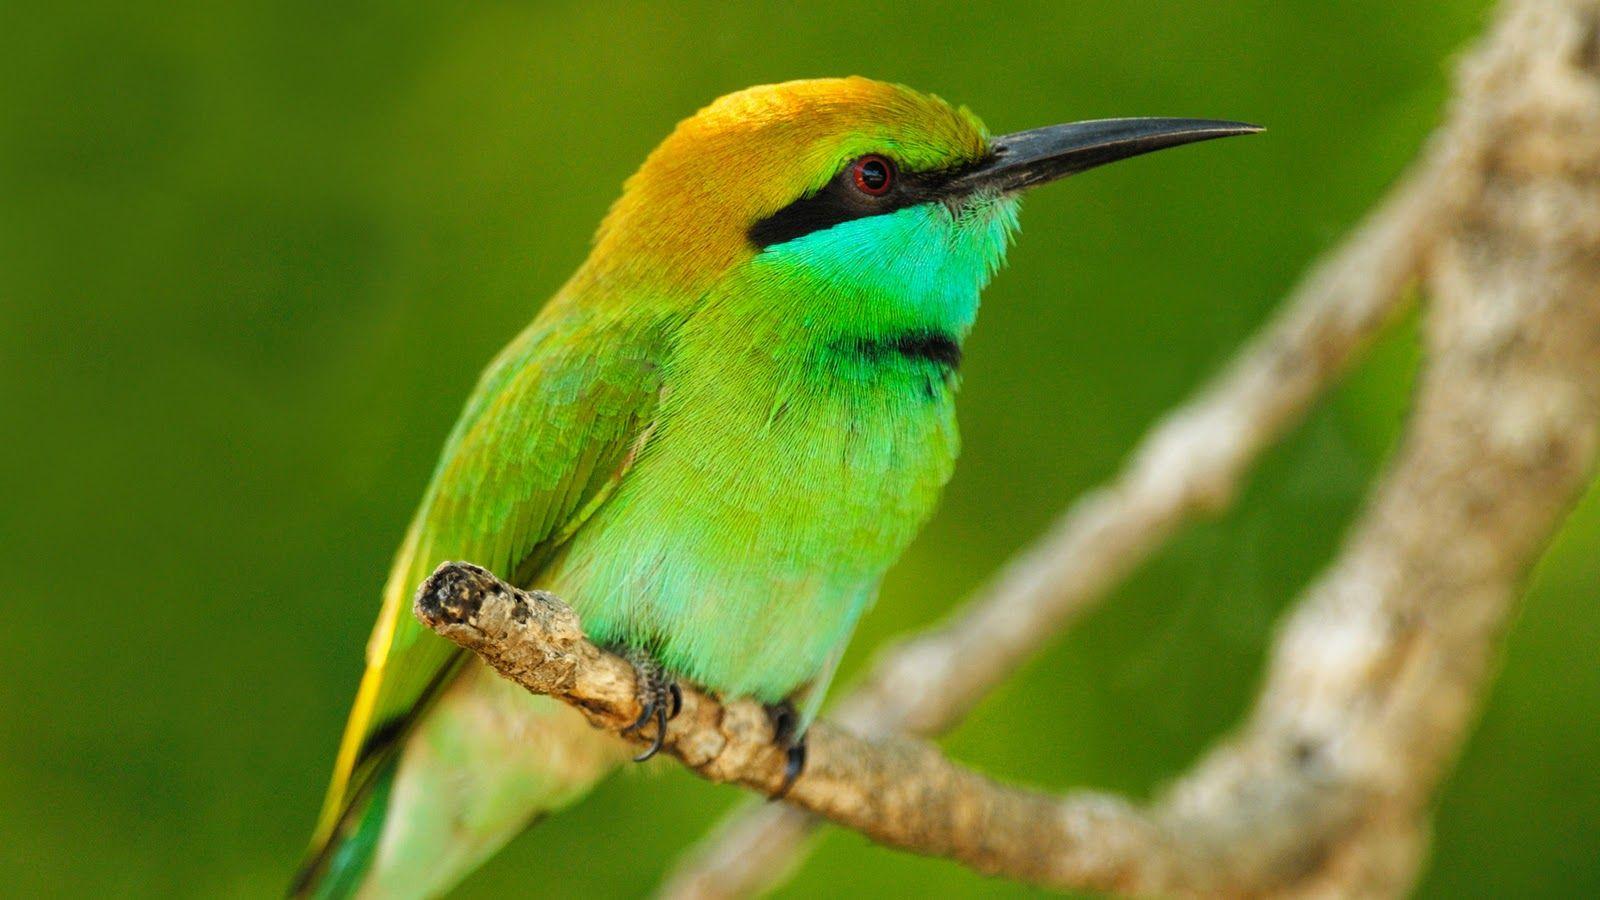 Green Bird Wallpapers Fugle